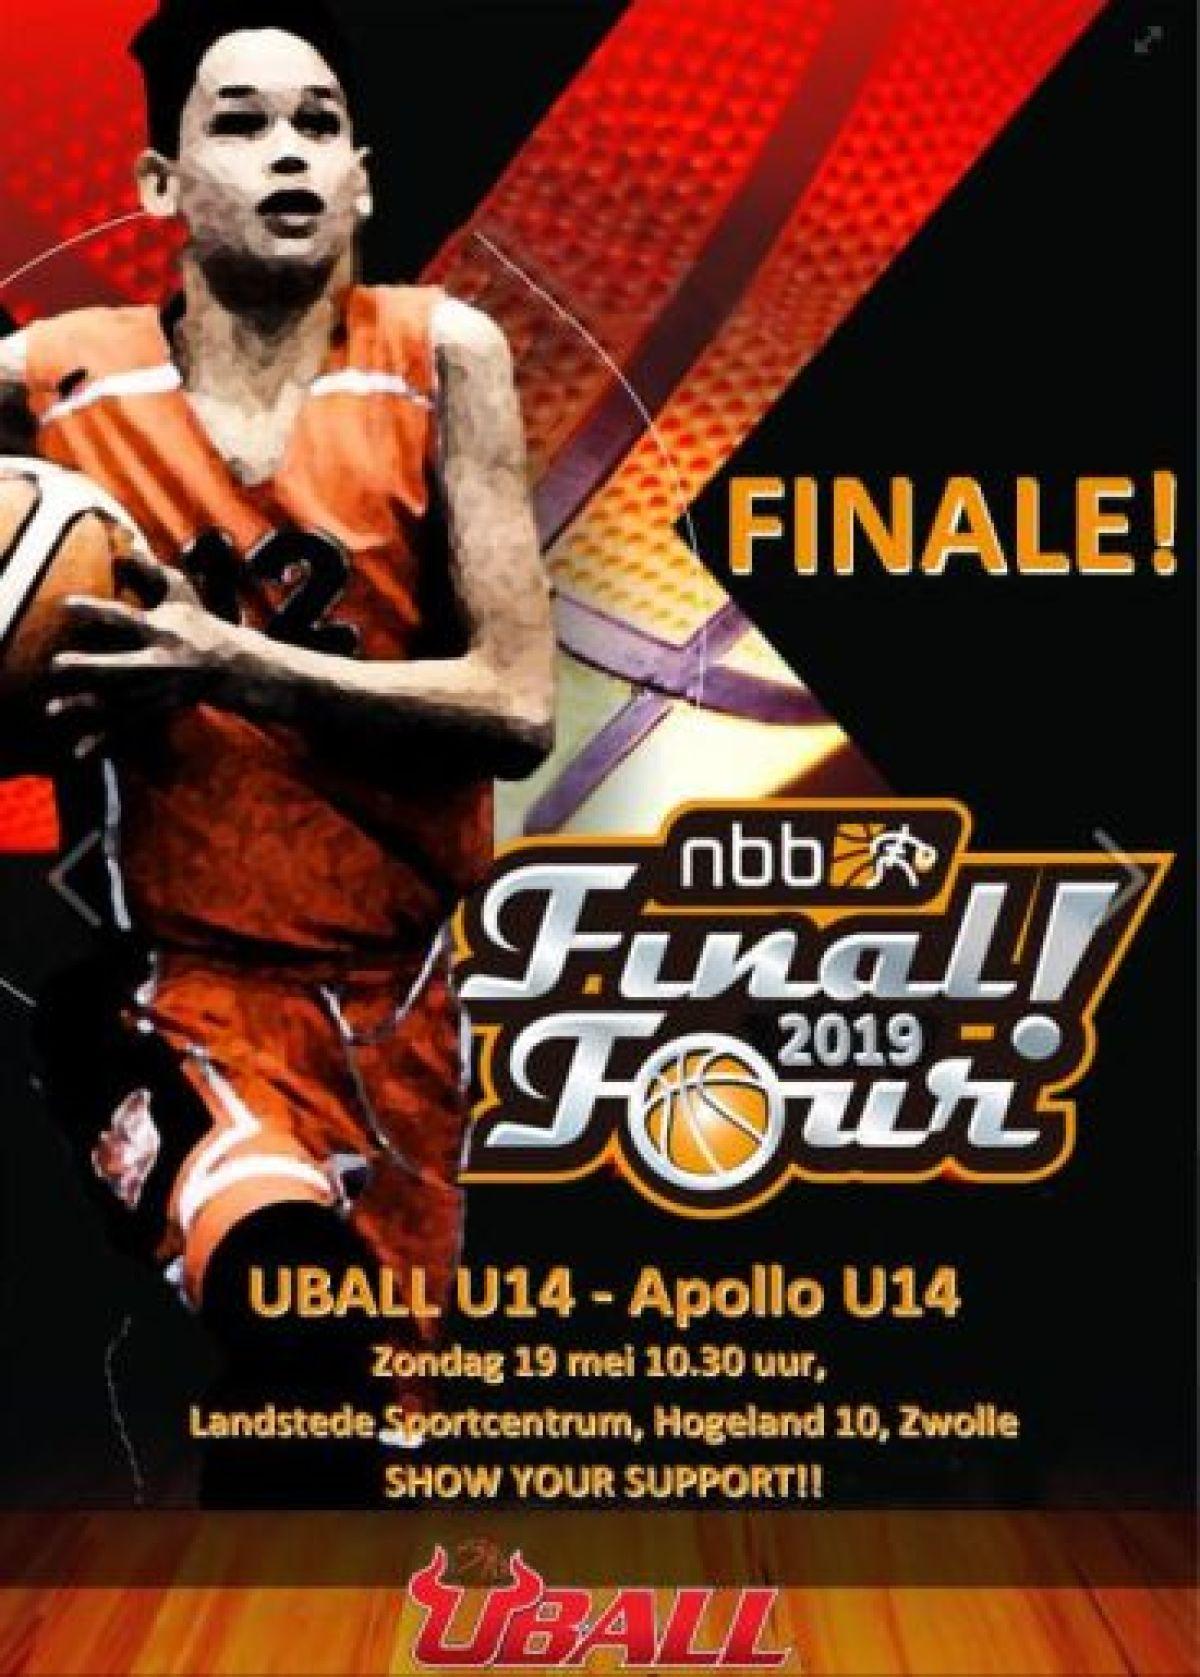 UBALL U14 in de landelijke finale a.s. zondag 19 mei!